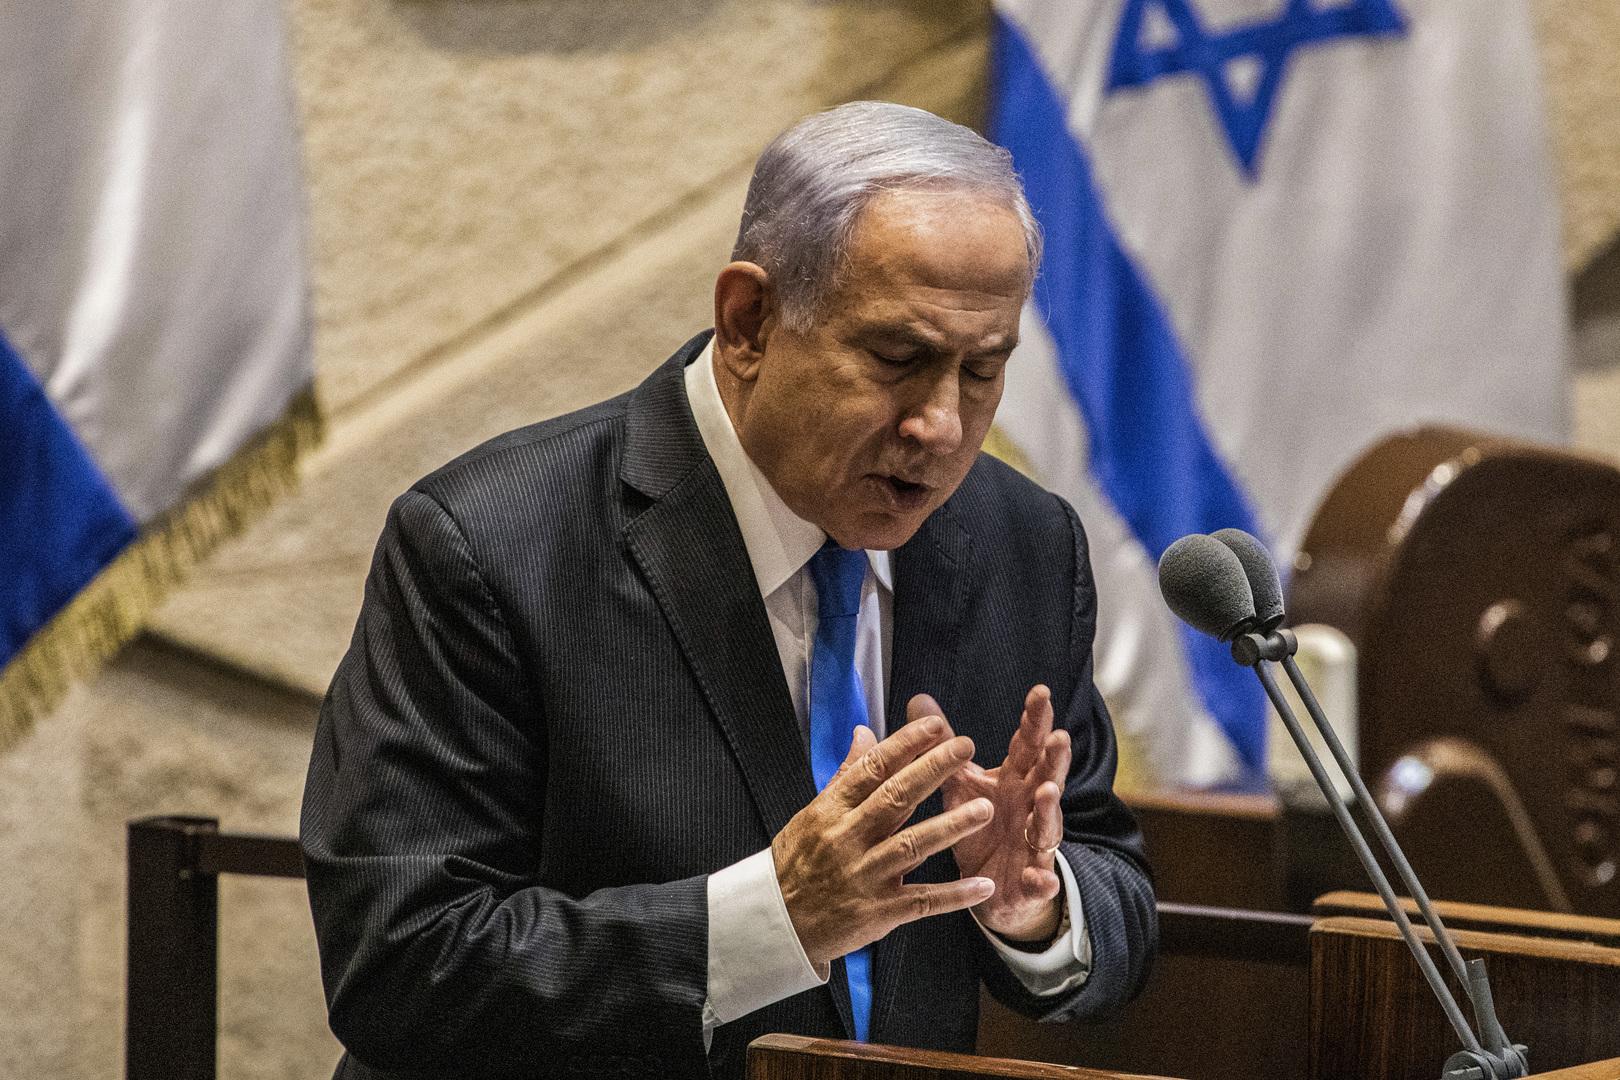 وزيرة إسرائيلية تتهم نتنياهو بنشر أخبار كاذبة